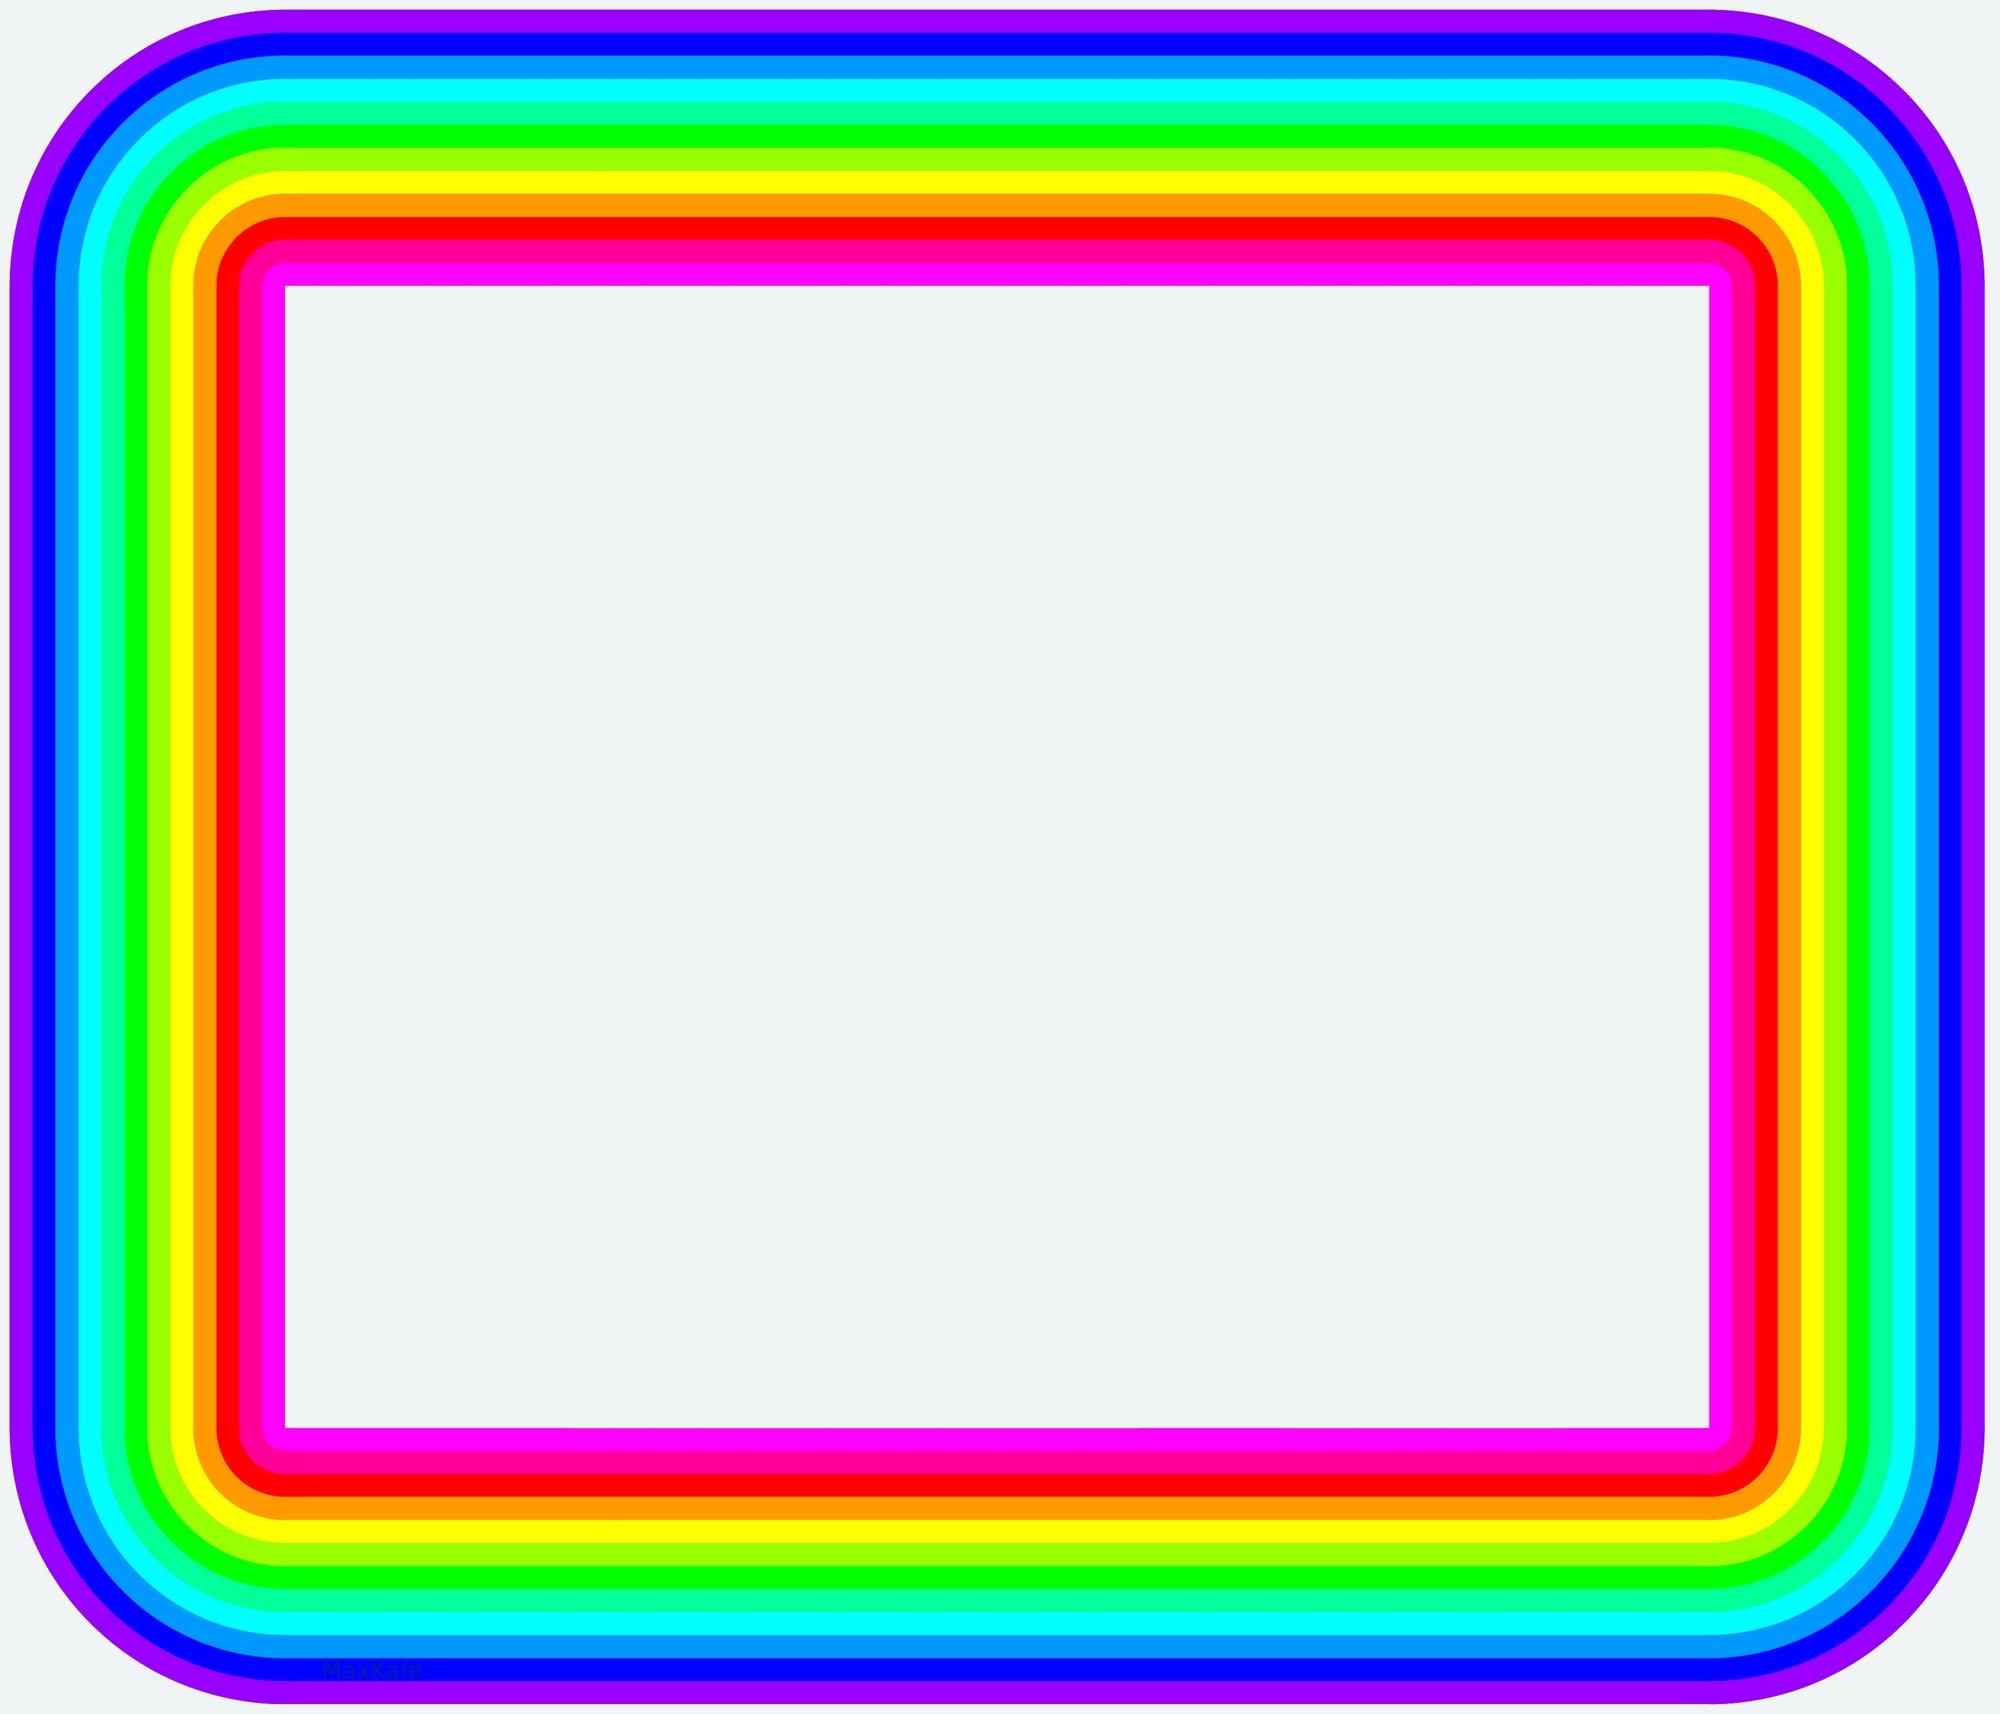 """MK16LFR3 Frame 6x7 RainbowOne <a href=""""https://dl.orangedox.com/GuIV4V"""">[DOWNLOAD]</a>"""